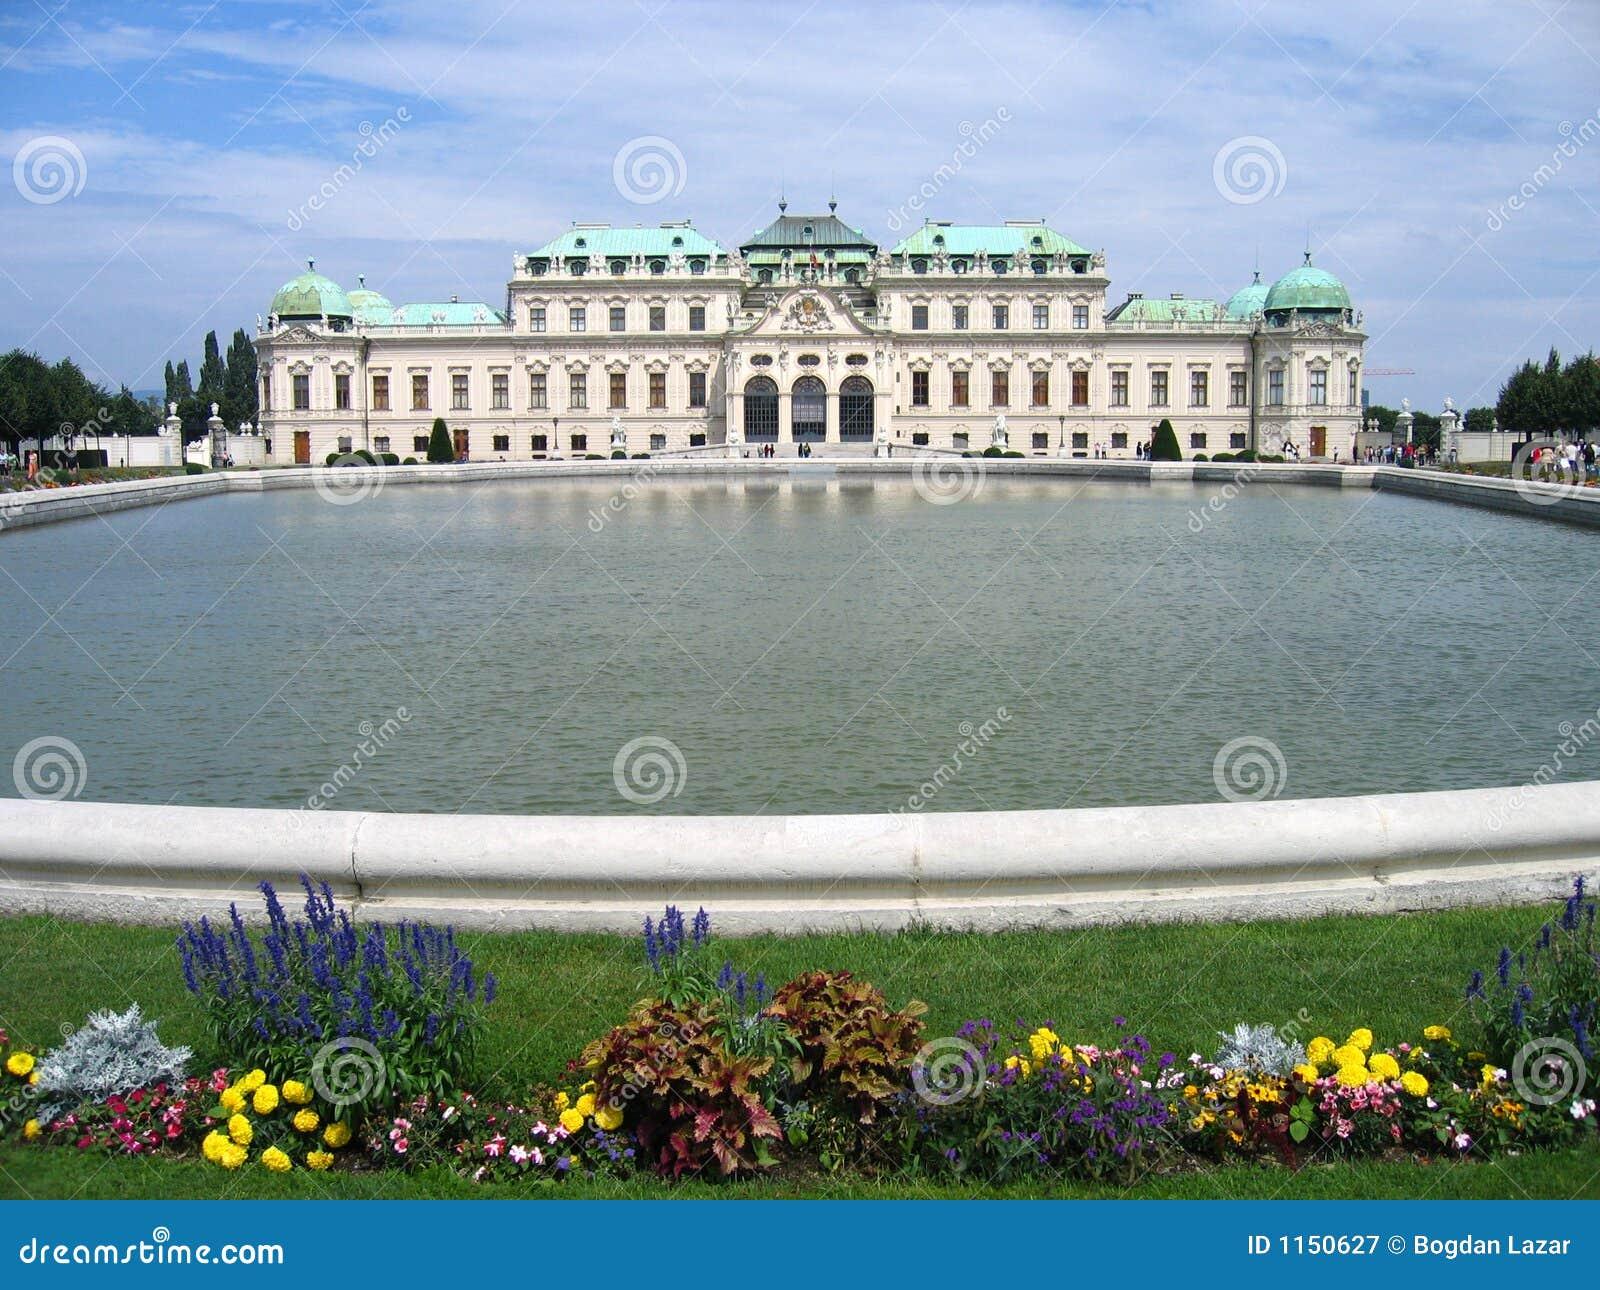 Palácio do Belvedere - Viena, Áustria